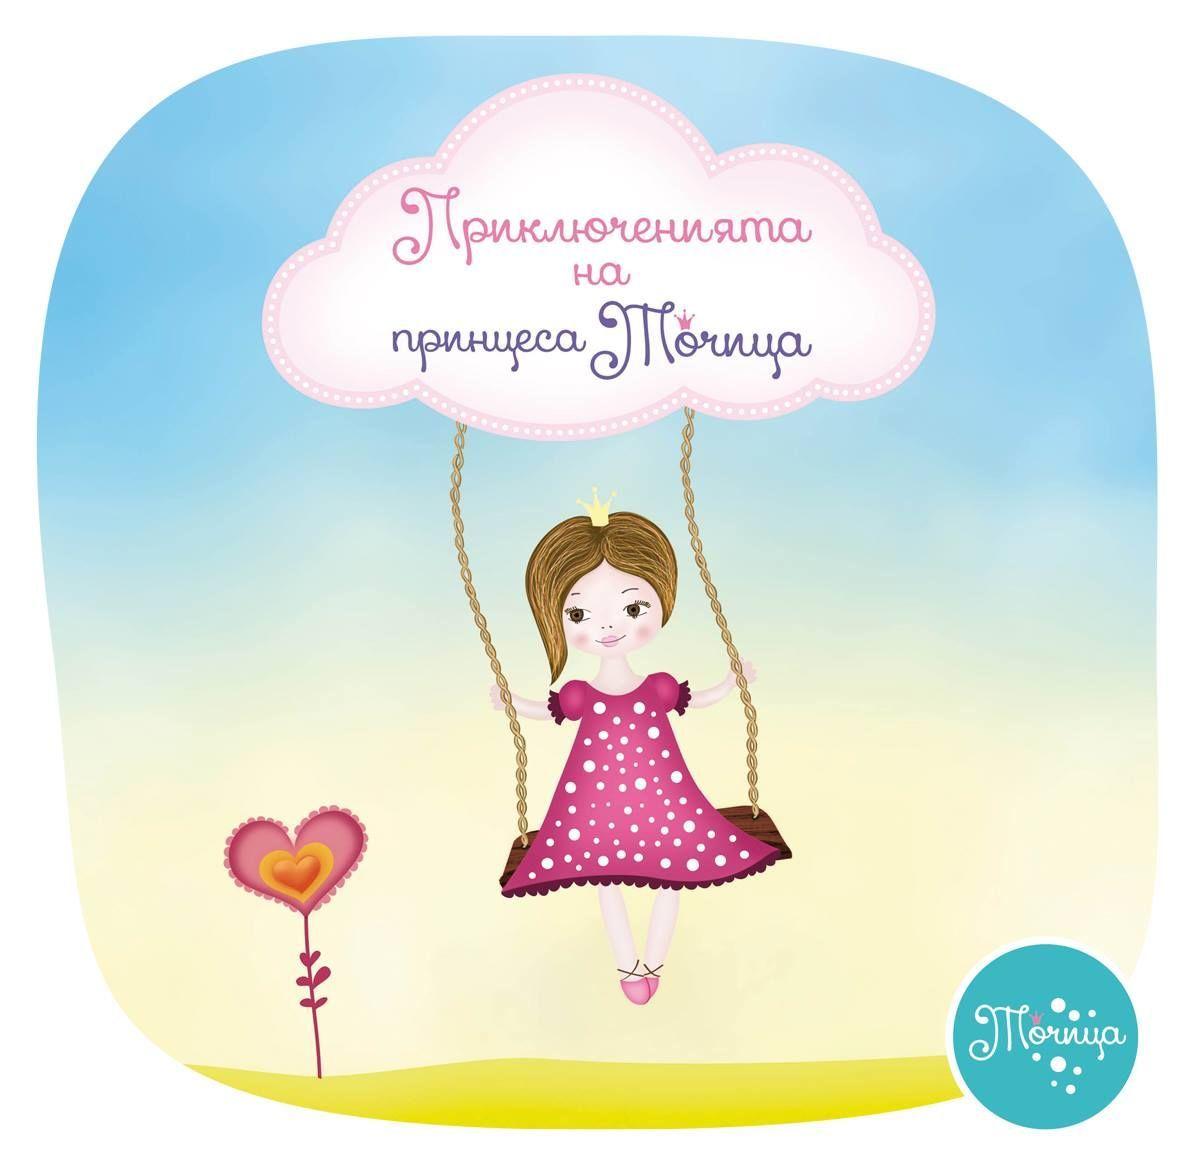 priklyucheniyata-na-tochica-6 - 7